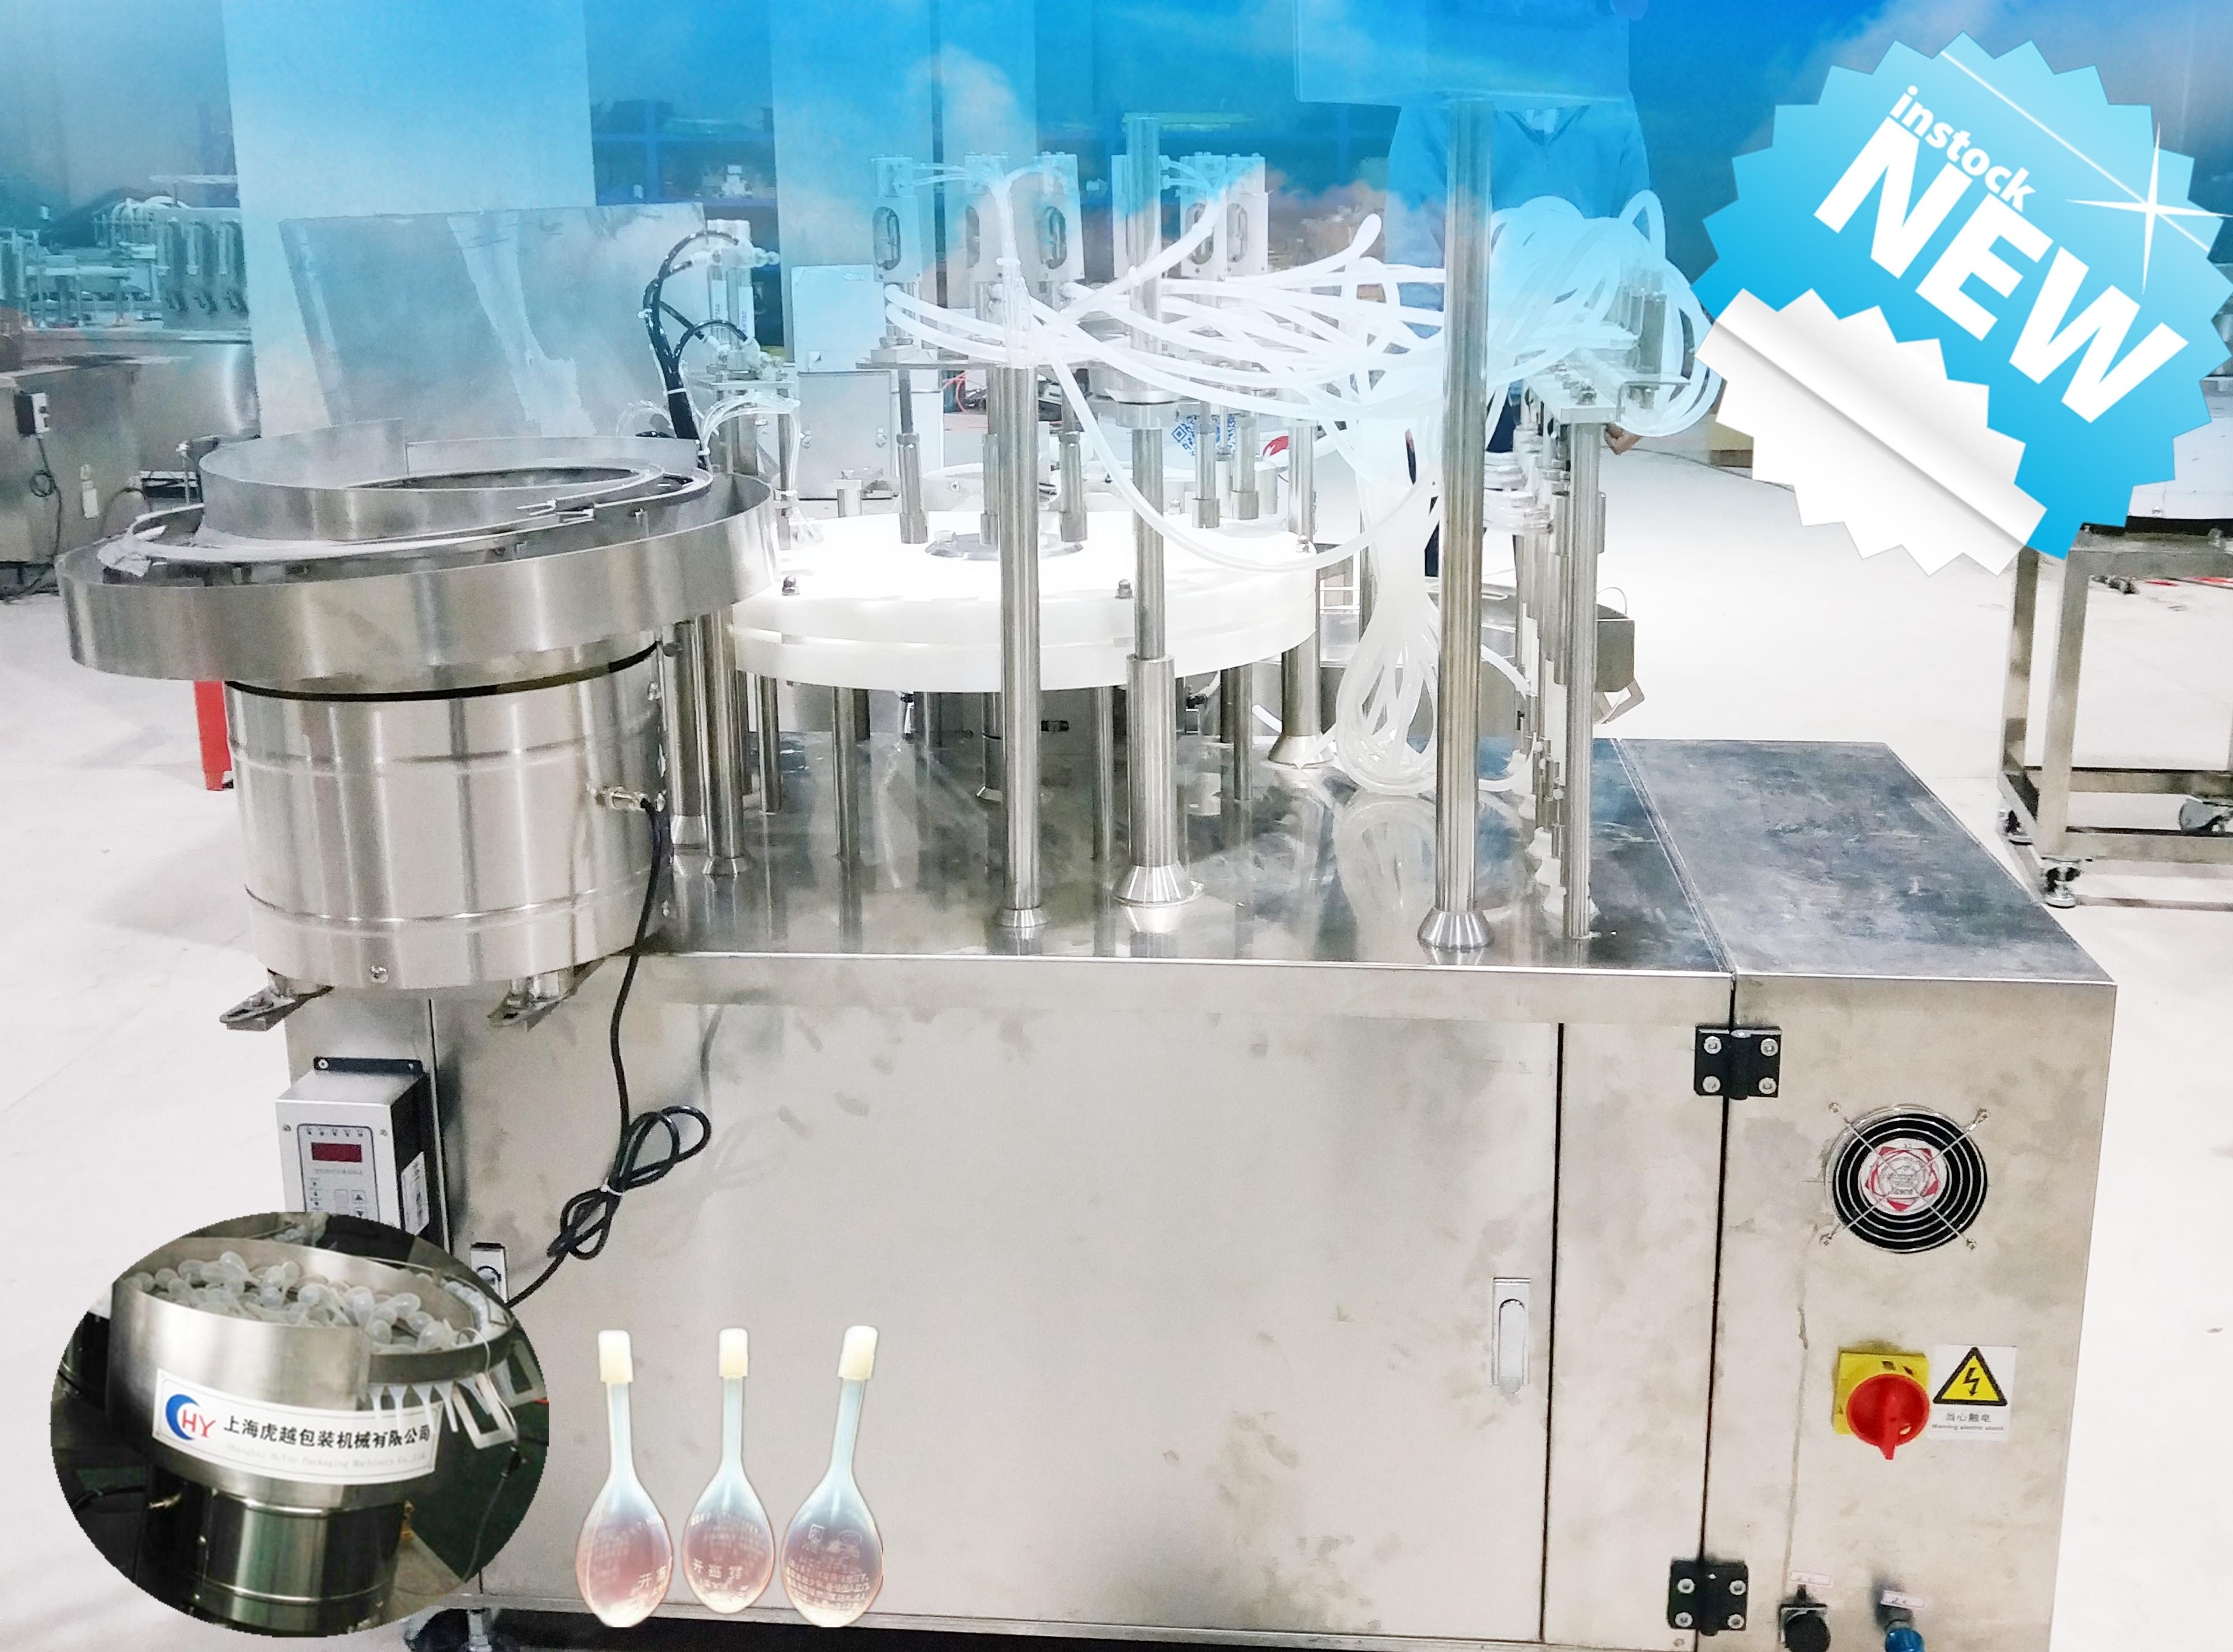 果汁灌装饮料生产设备给您介绍果汁饮料生产线配置介绍